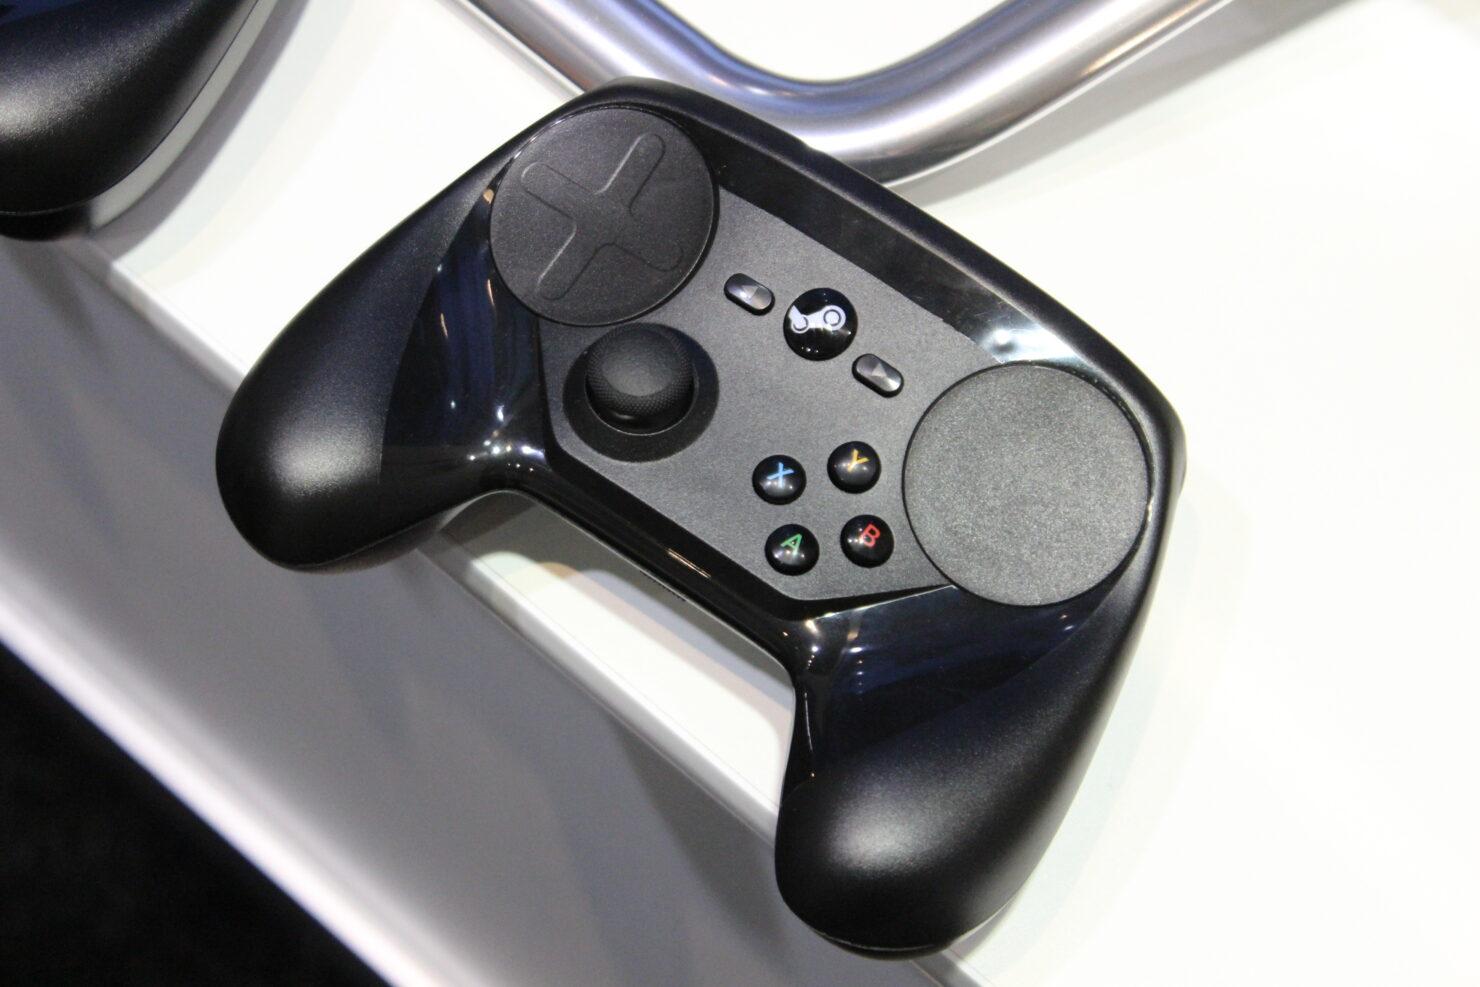 Steam Controllerr